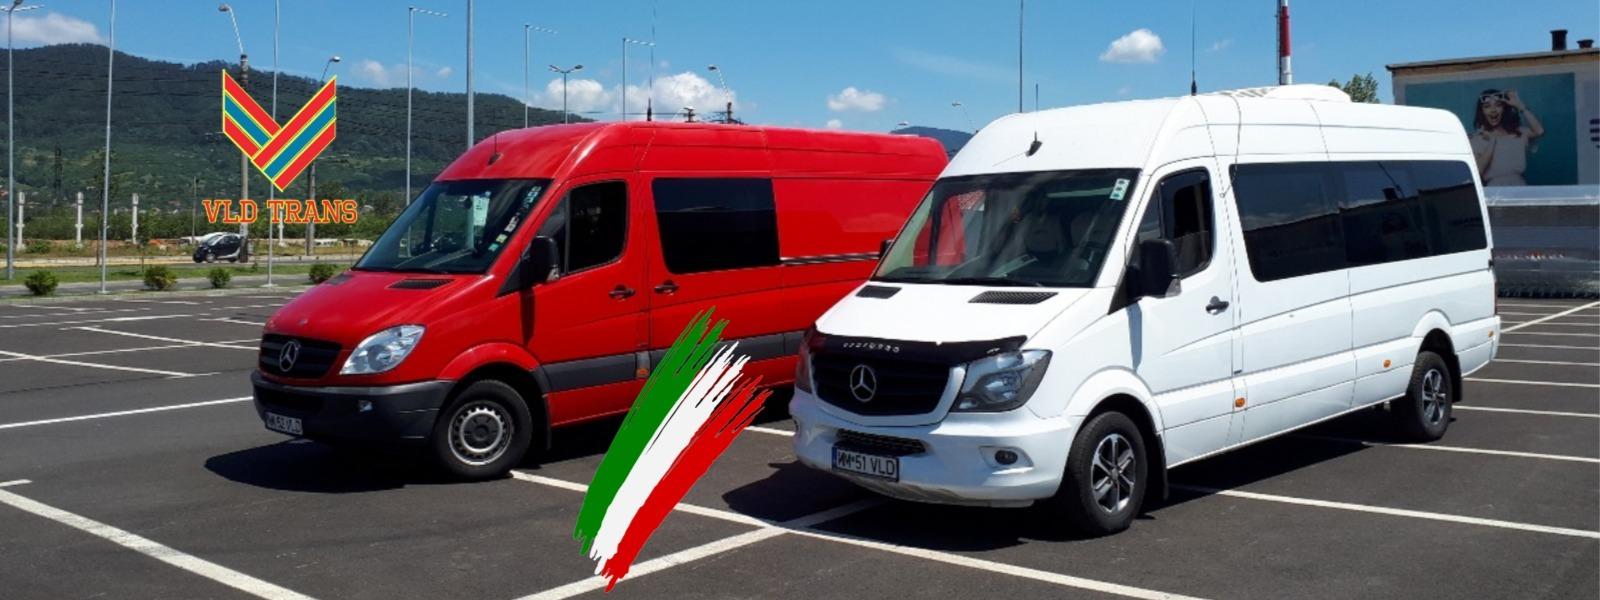 banner-3-vld-transport-italia.jpg